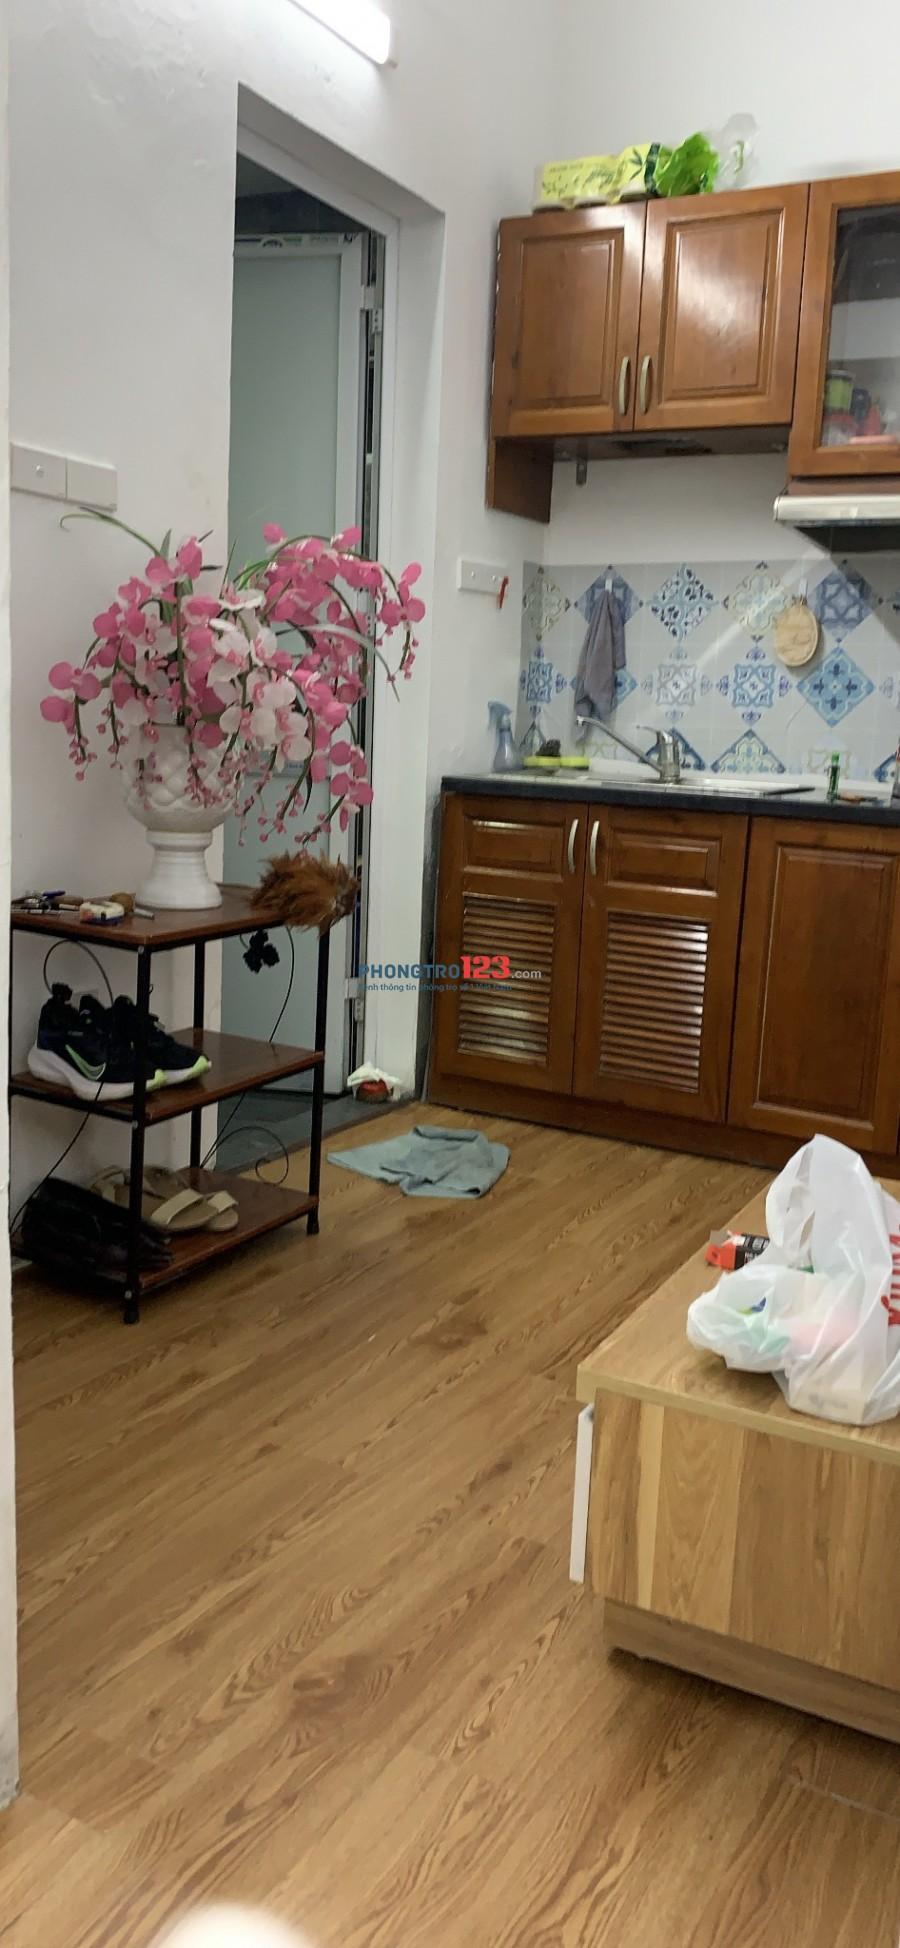 Cho thuê phòng 150 Phó Đức Chính gần toà EVN, gần phố cổ, 35m2, không chung chủ, nhà mới khép kín